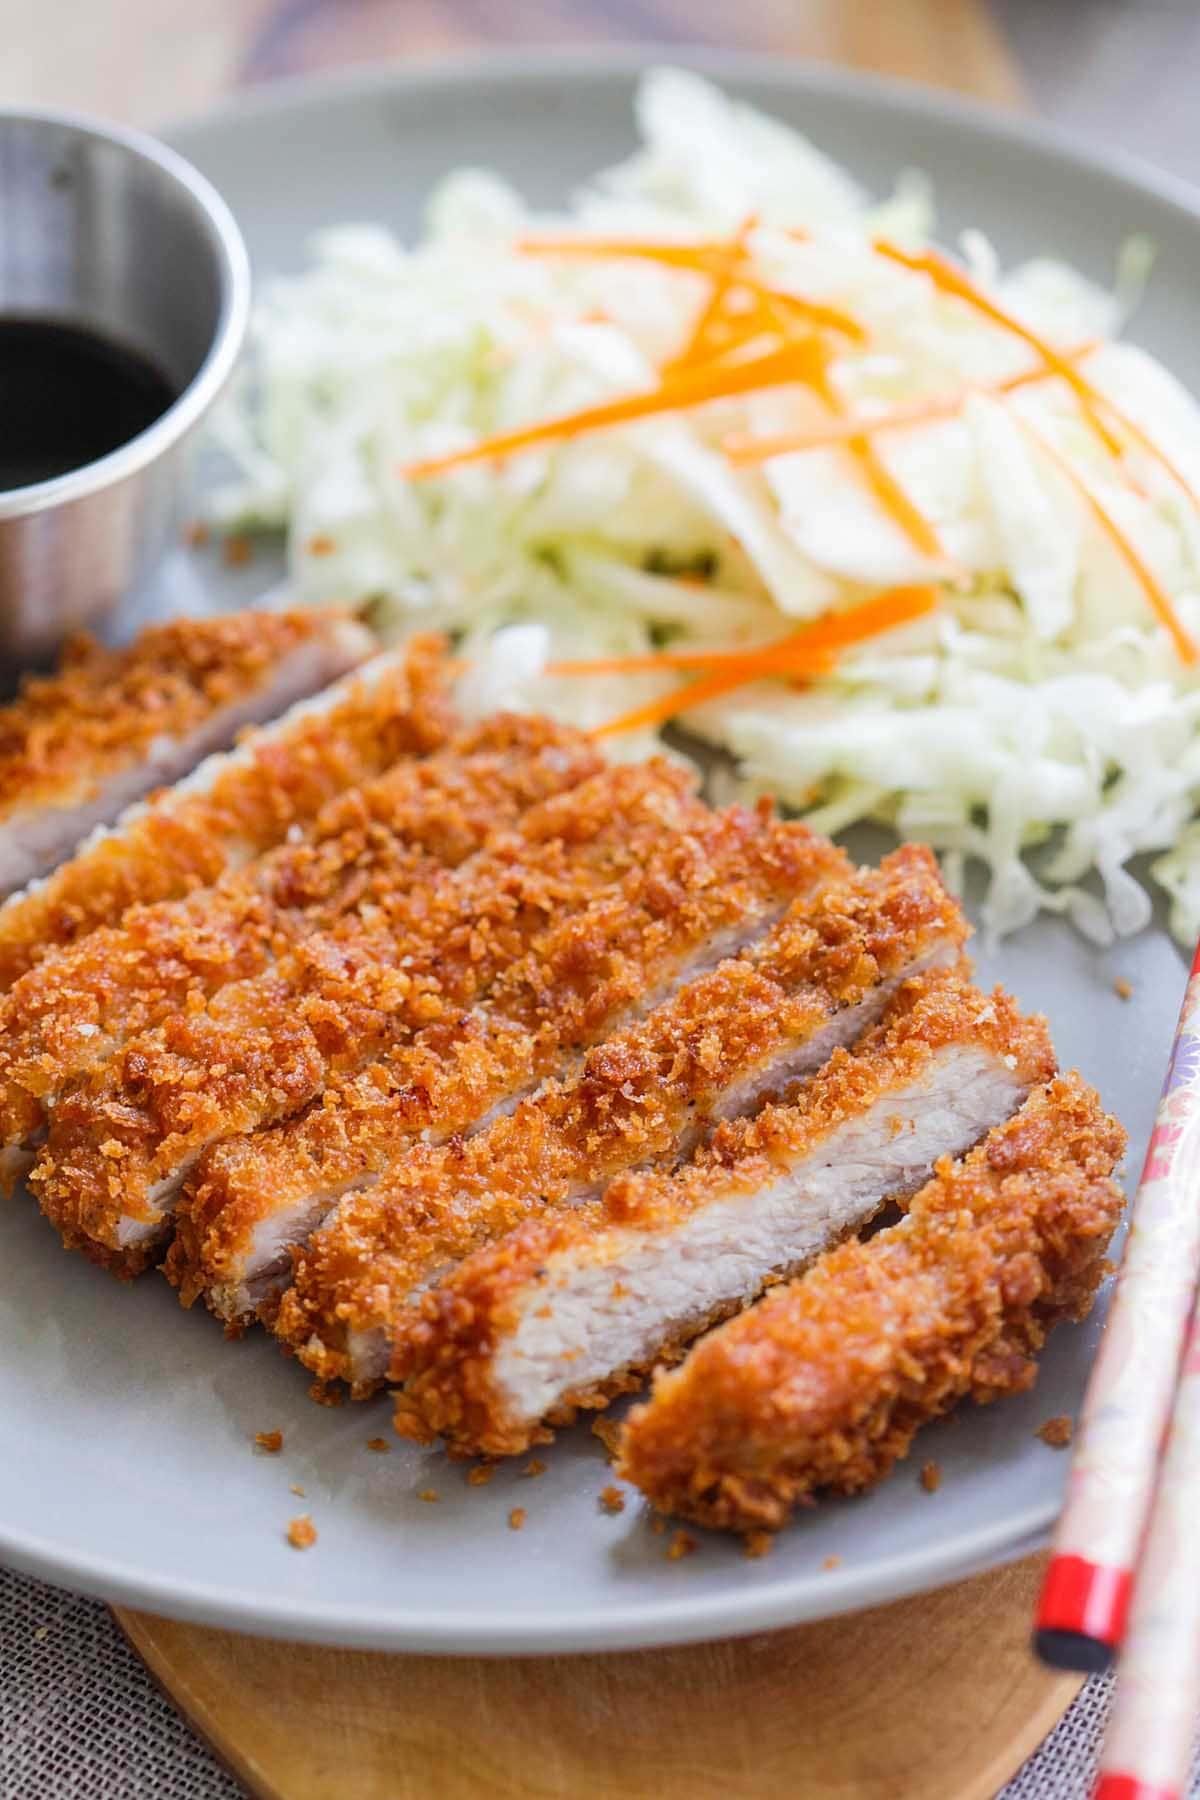 Recette de poulet konkatsu japonais.